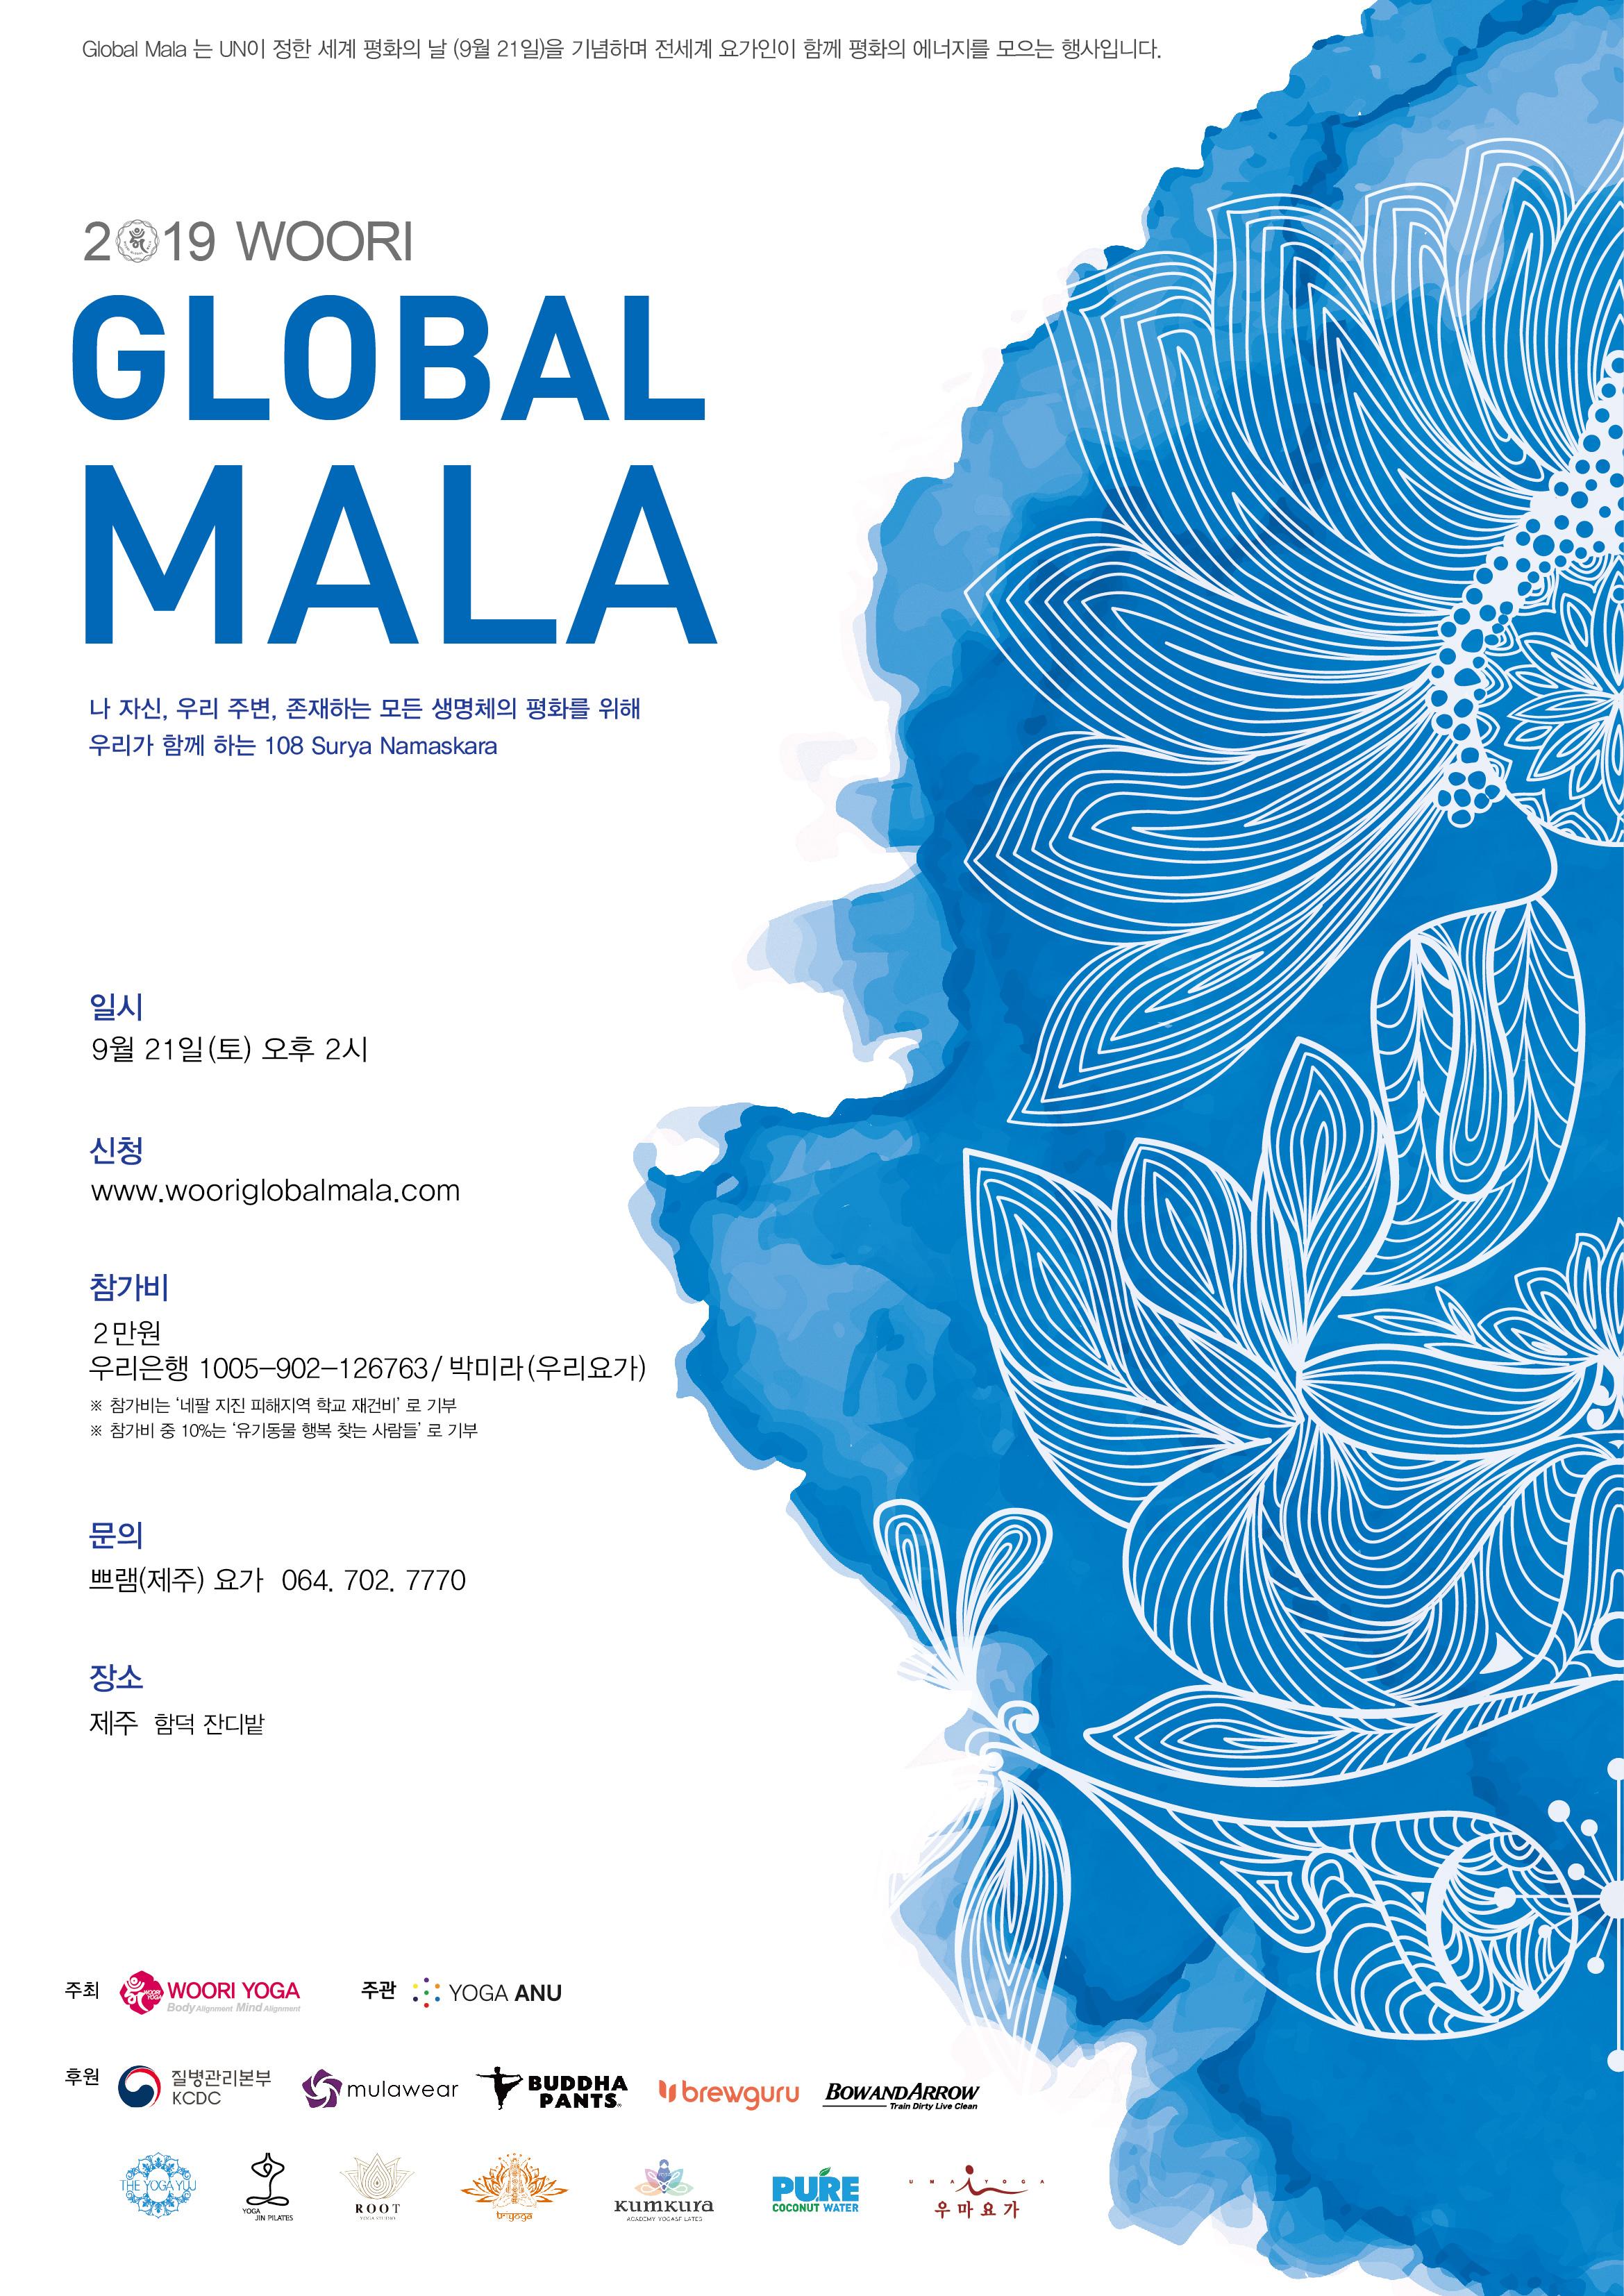 2019 우리 글로벌 말라 - 제주.jpg